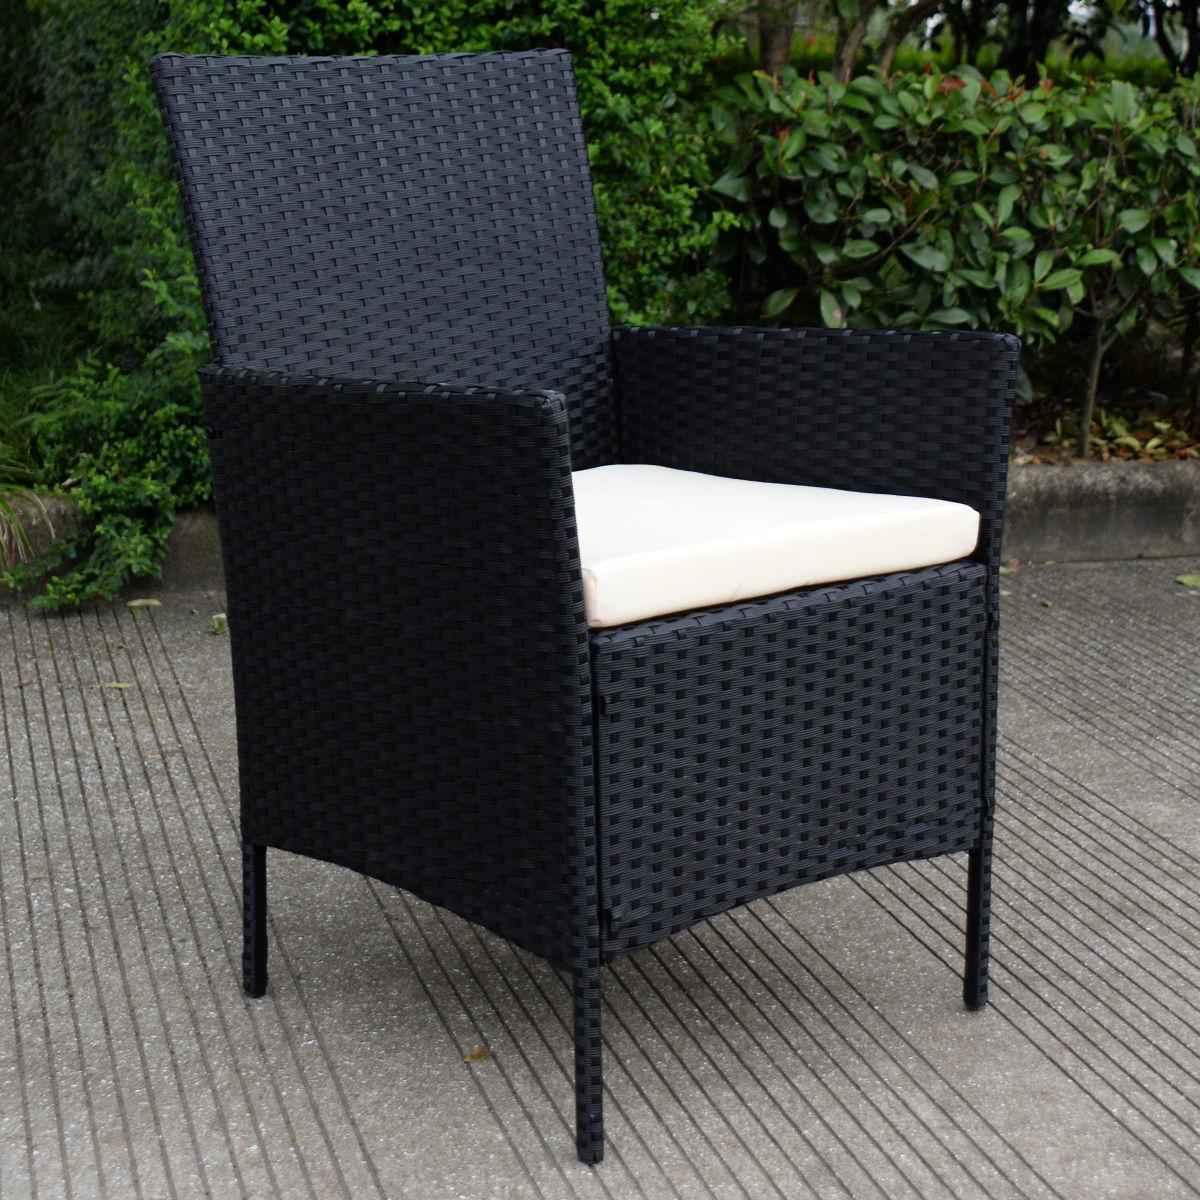 Costway: Costway 4 PC Outdoor Rattan Furniture Set